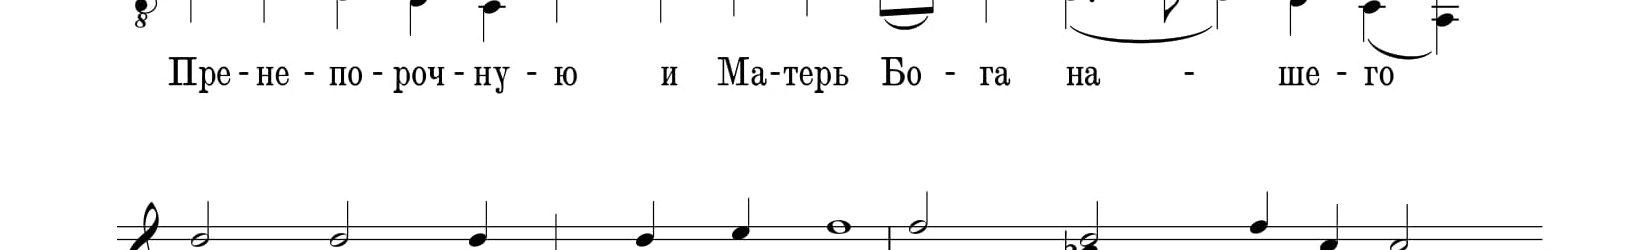 Достойно есть (Монастырского напева гарм. Иванова-Радкевича, переложение для м.х. игум. Силуана Туманова)